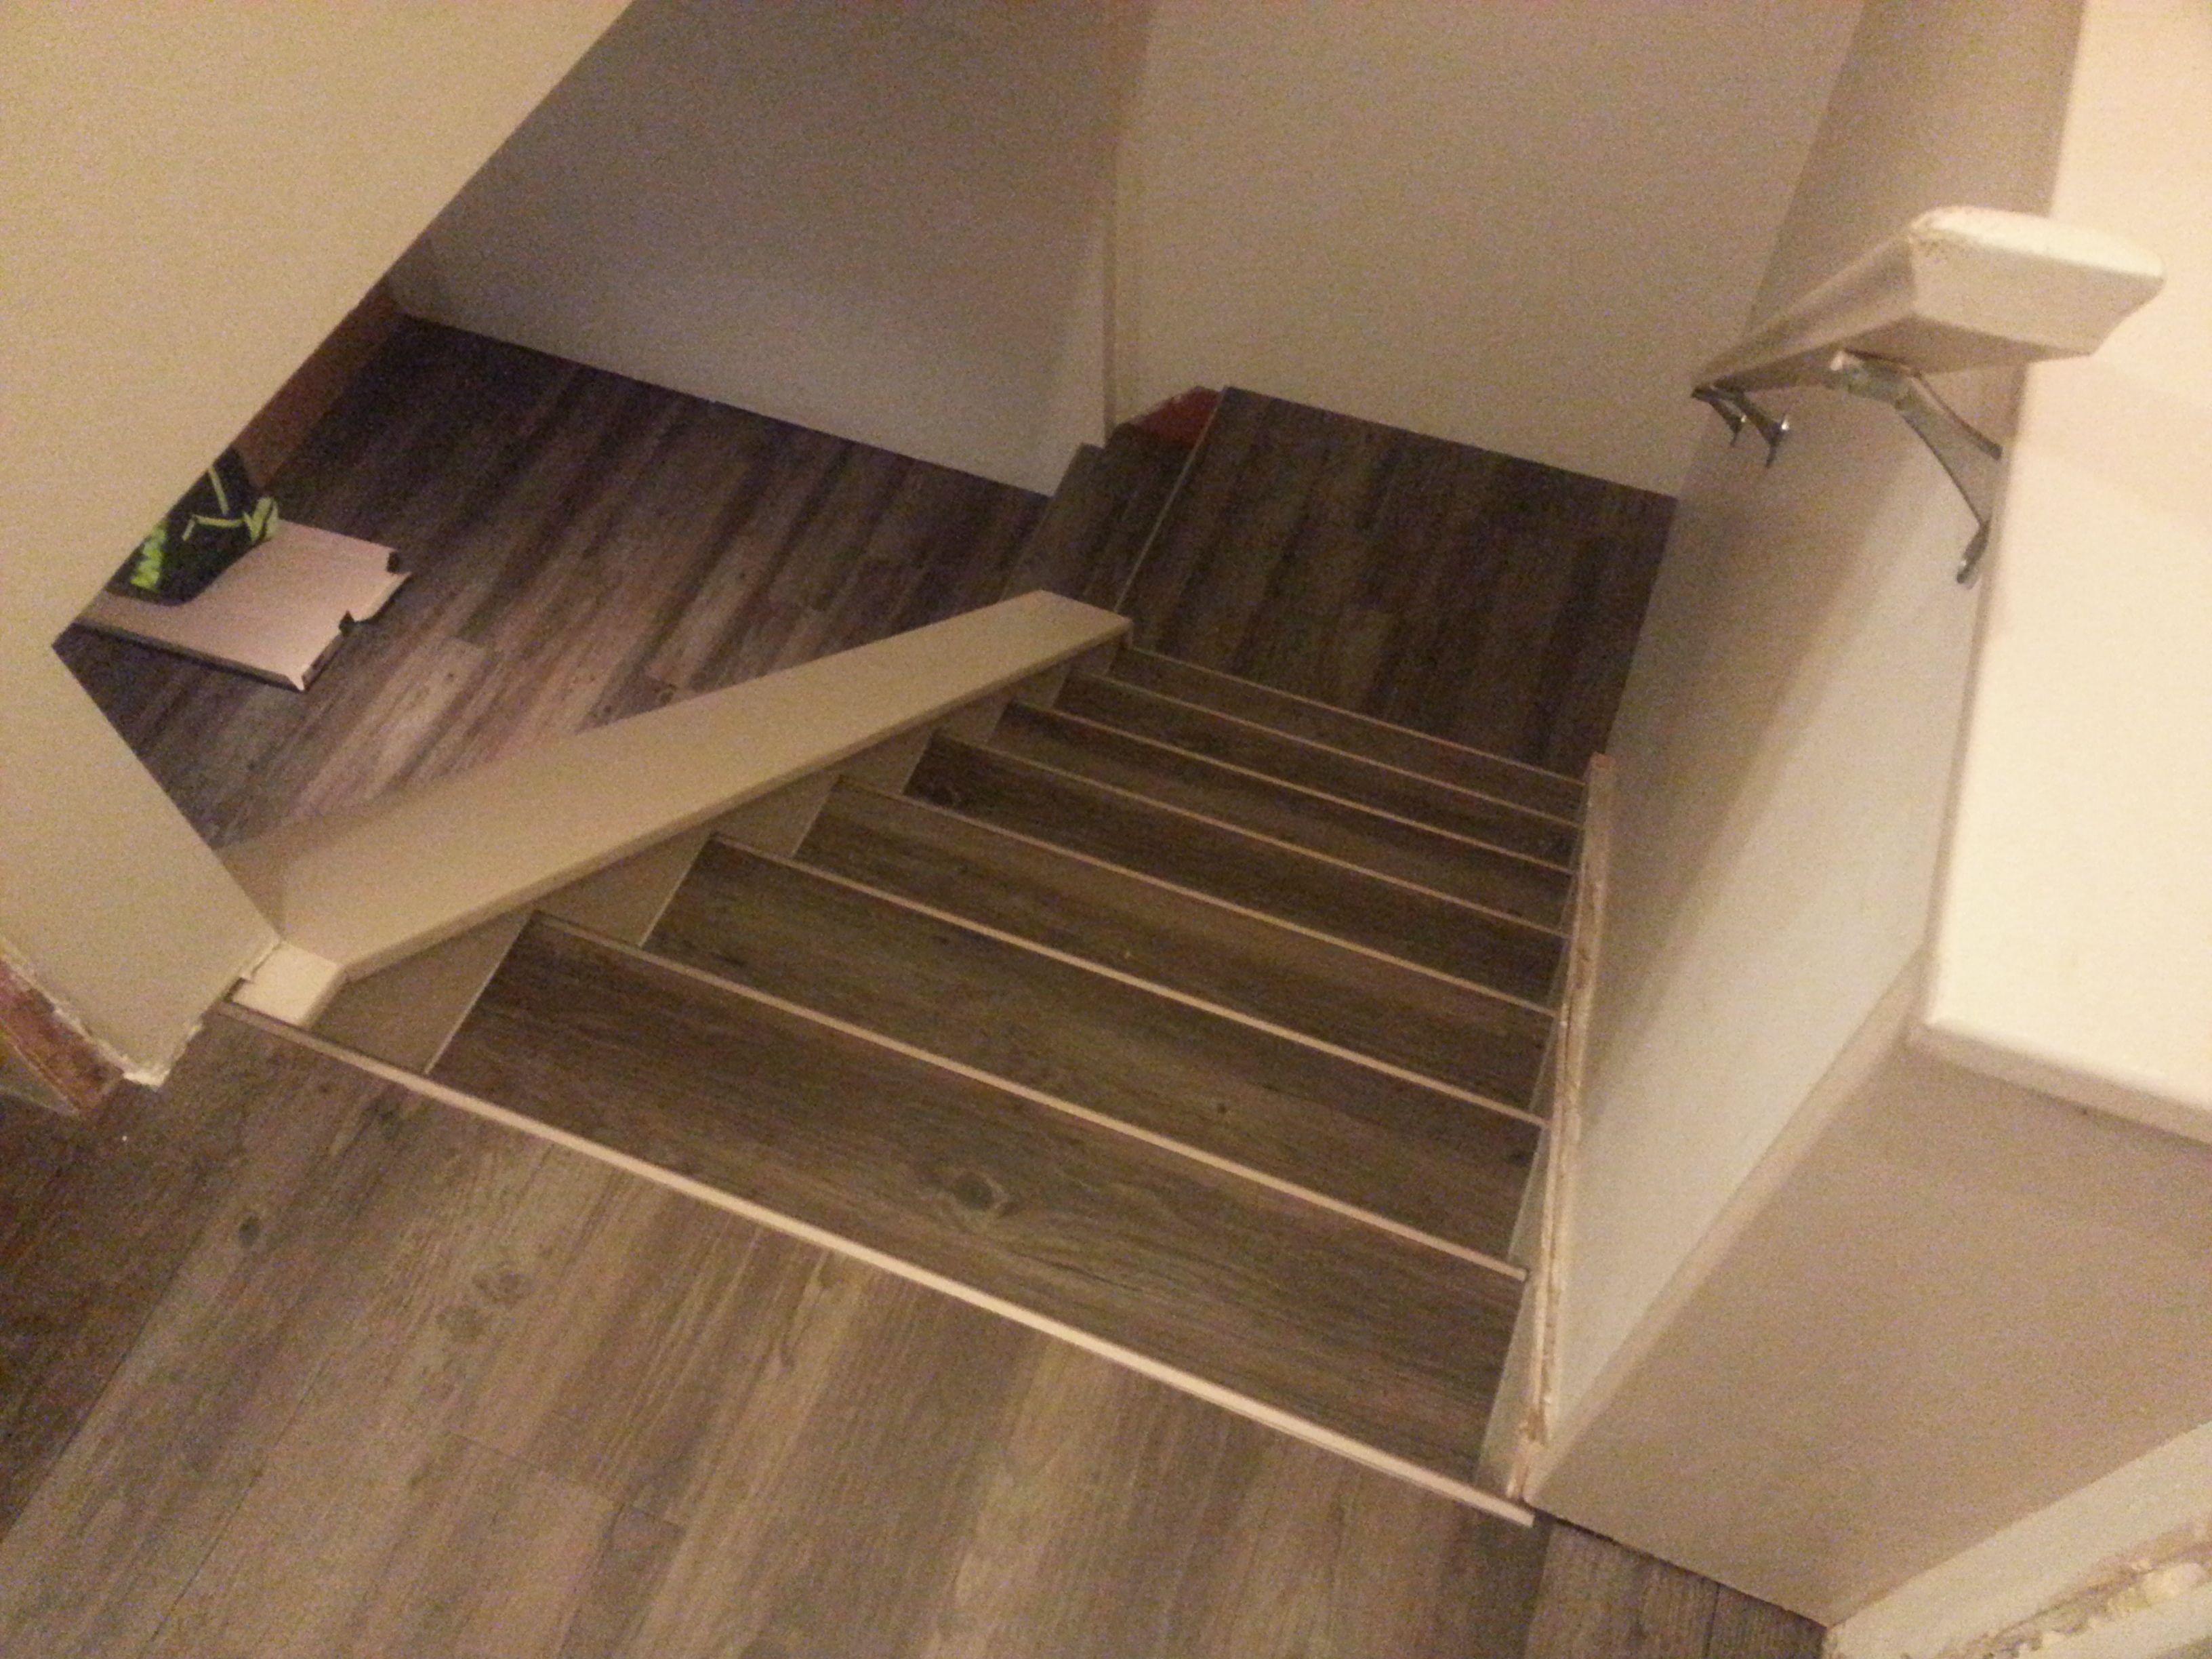 Elegant Drop U0026 Done Luxury Vinyl Plank In Eastern Township With Metal Insert Stair  Nosing.